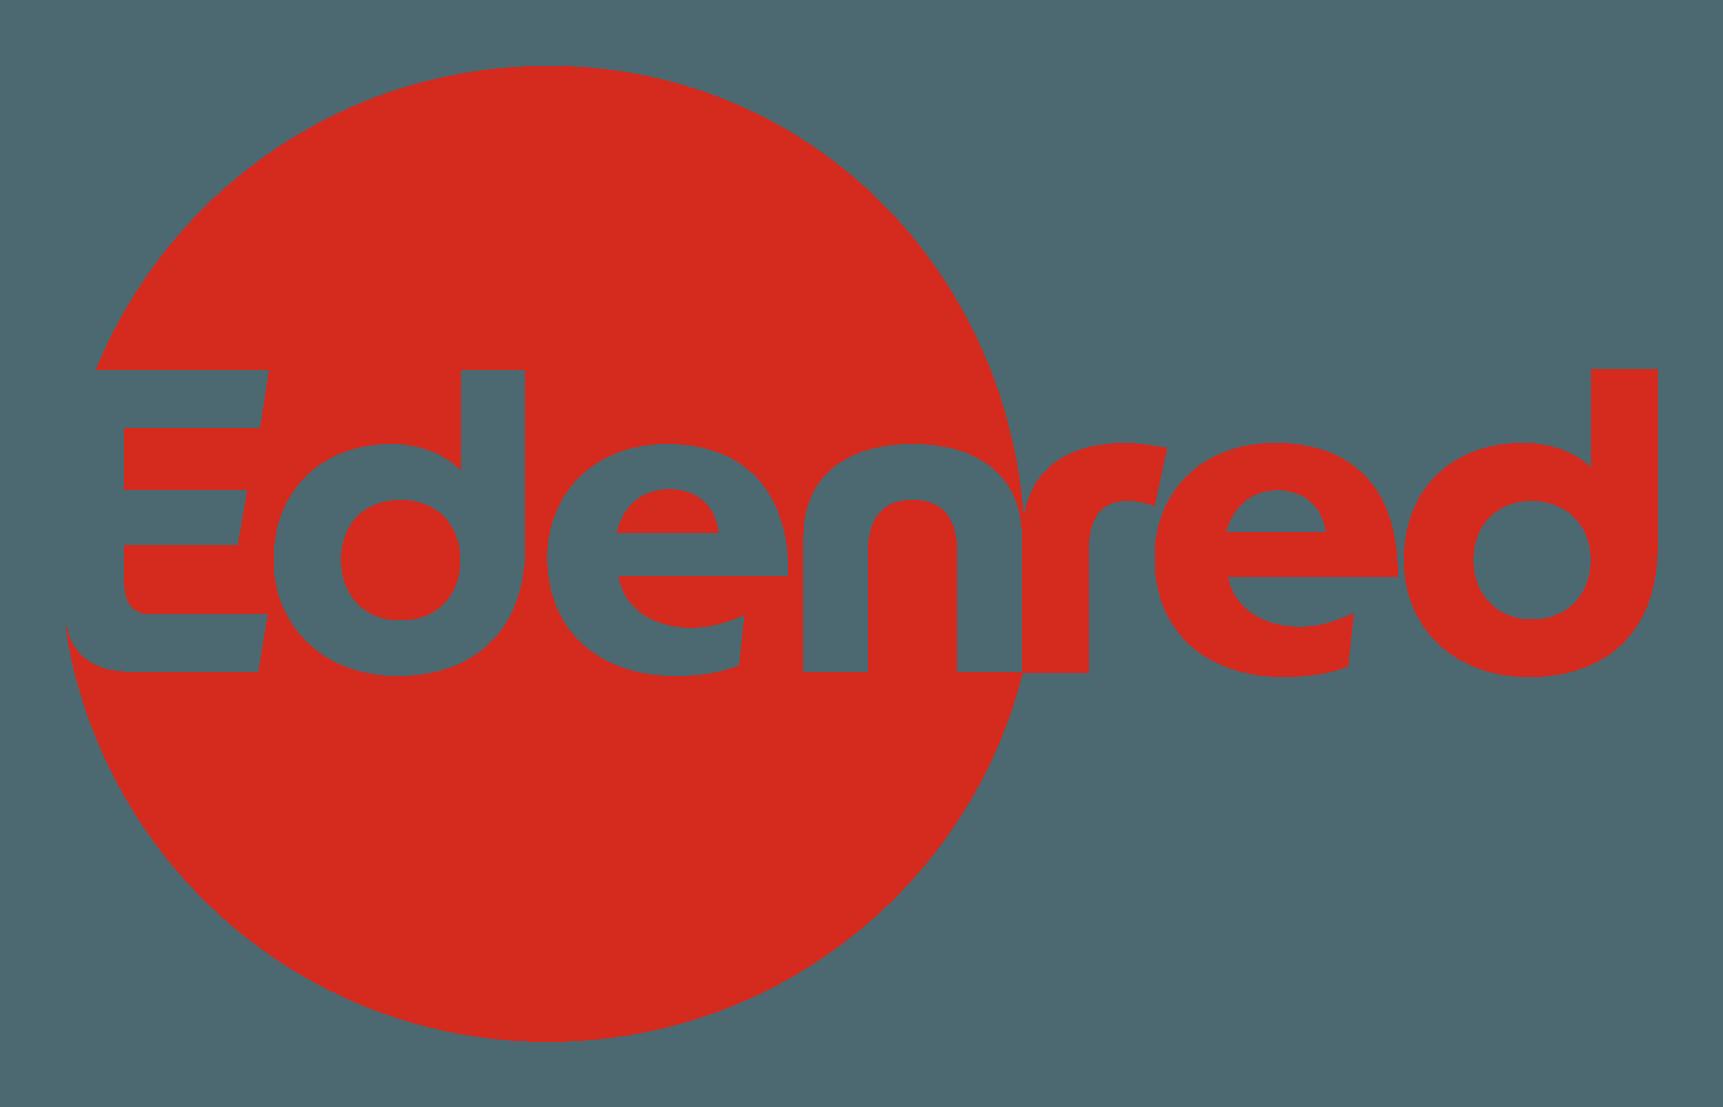 Edenred-Color_Digital-use